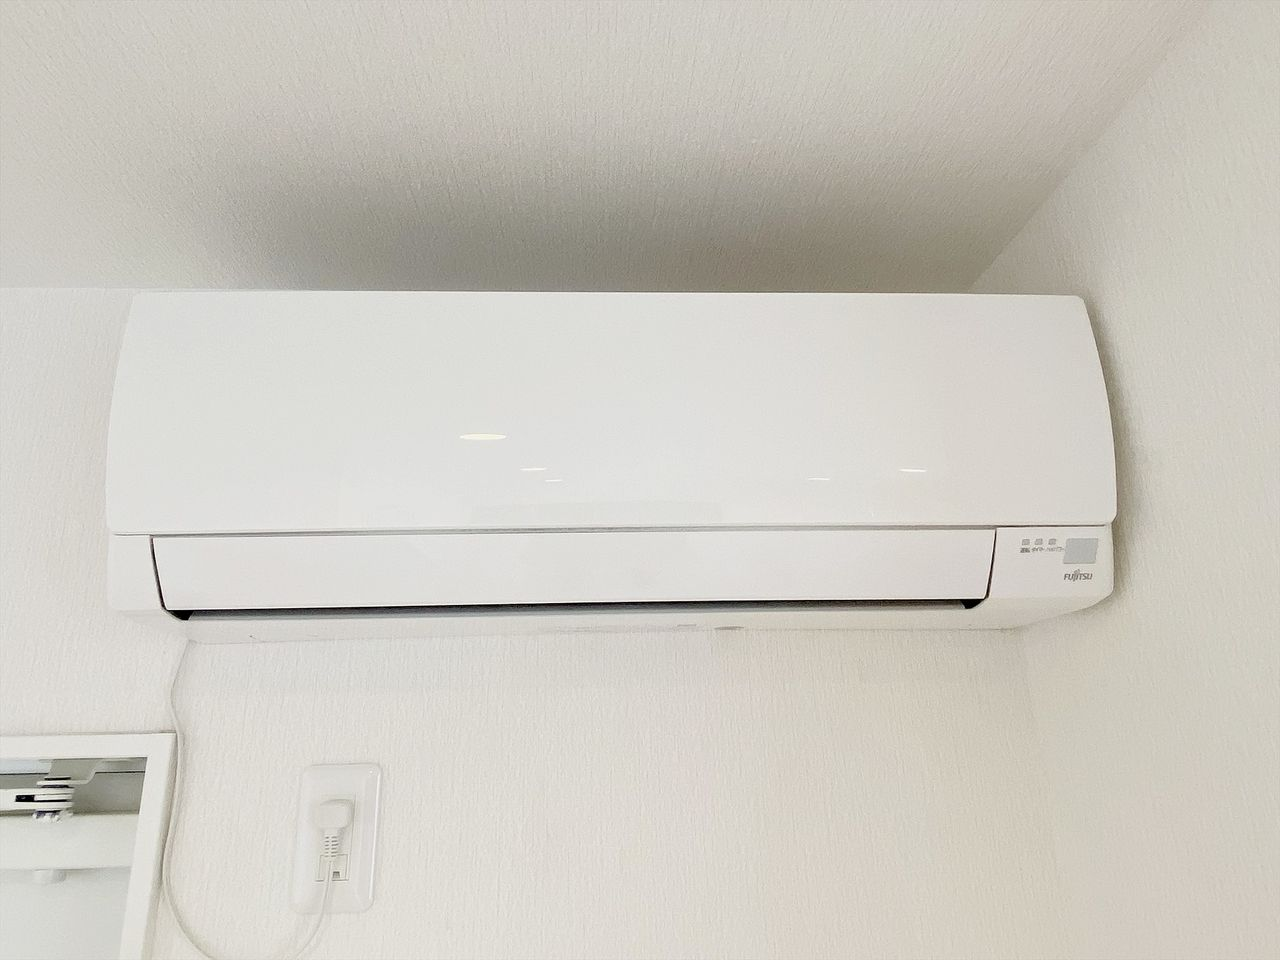 豊島区千早の賃貸マンション オーレ池袋西102号室 エアコン1台設置済みです